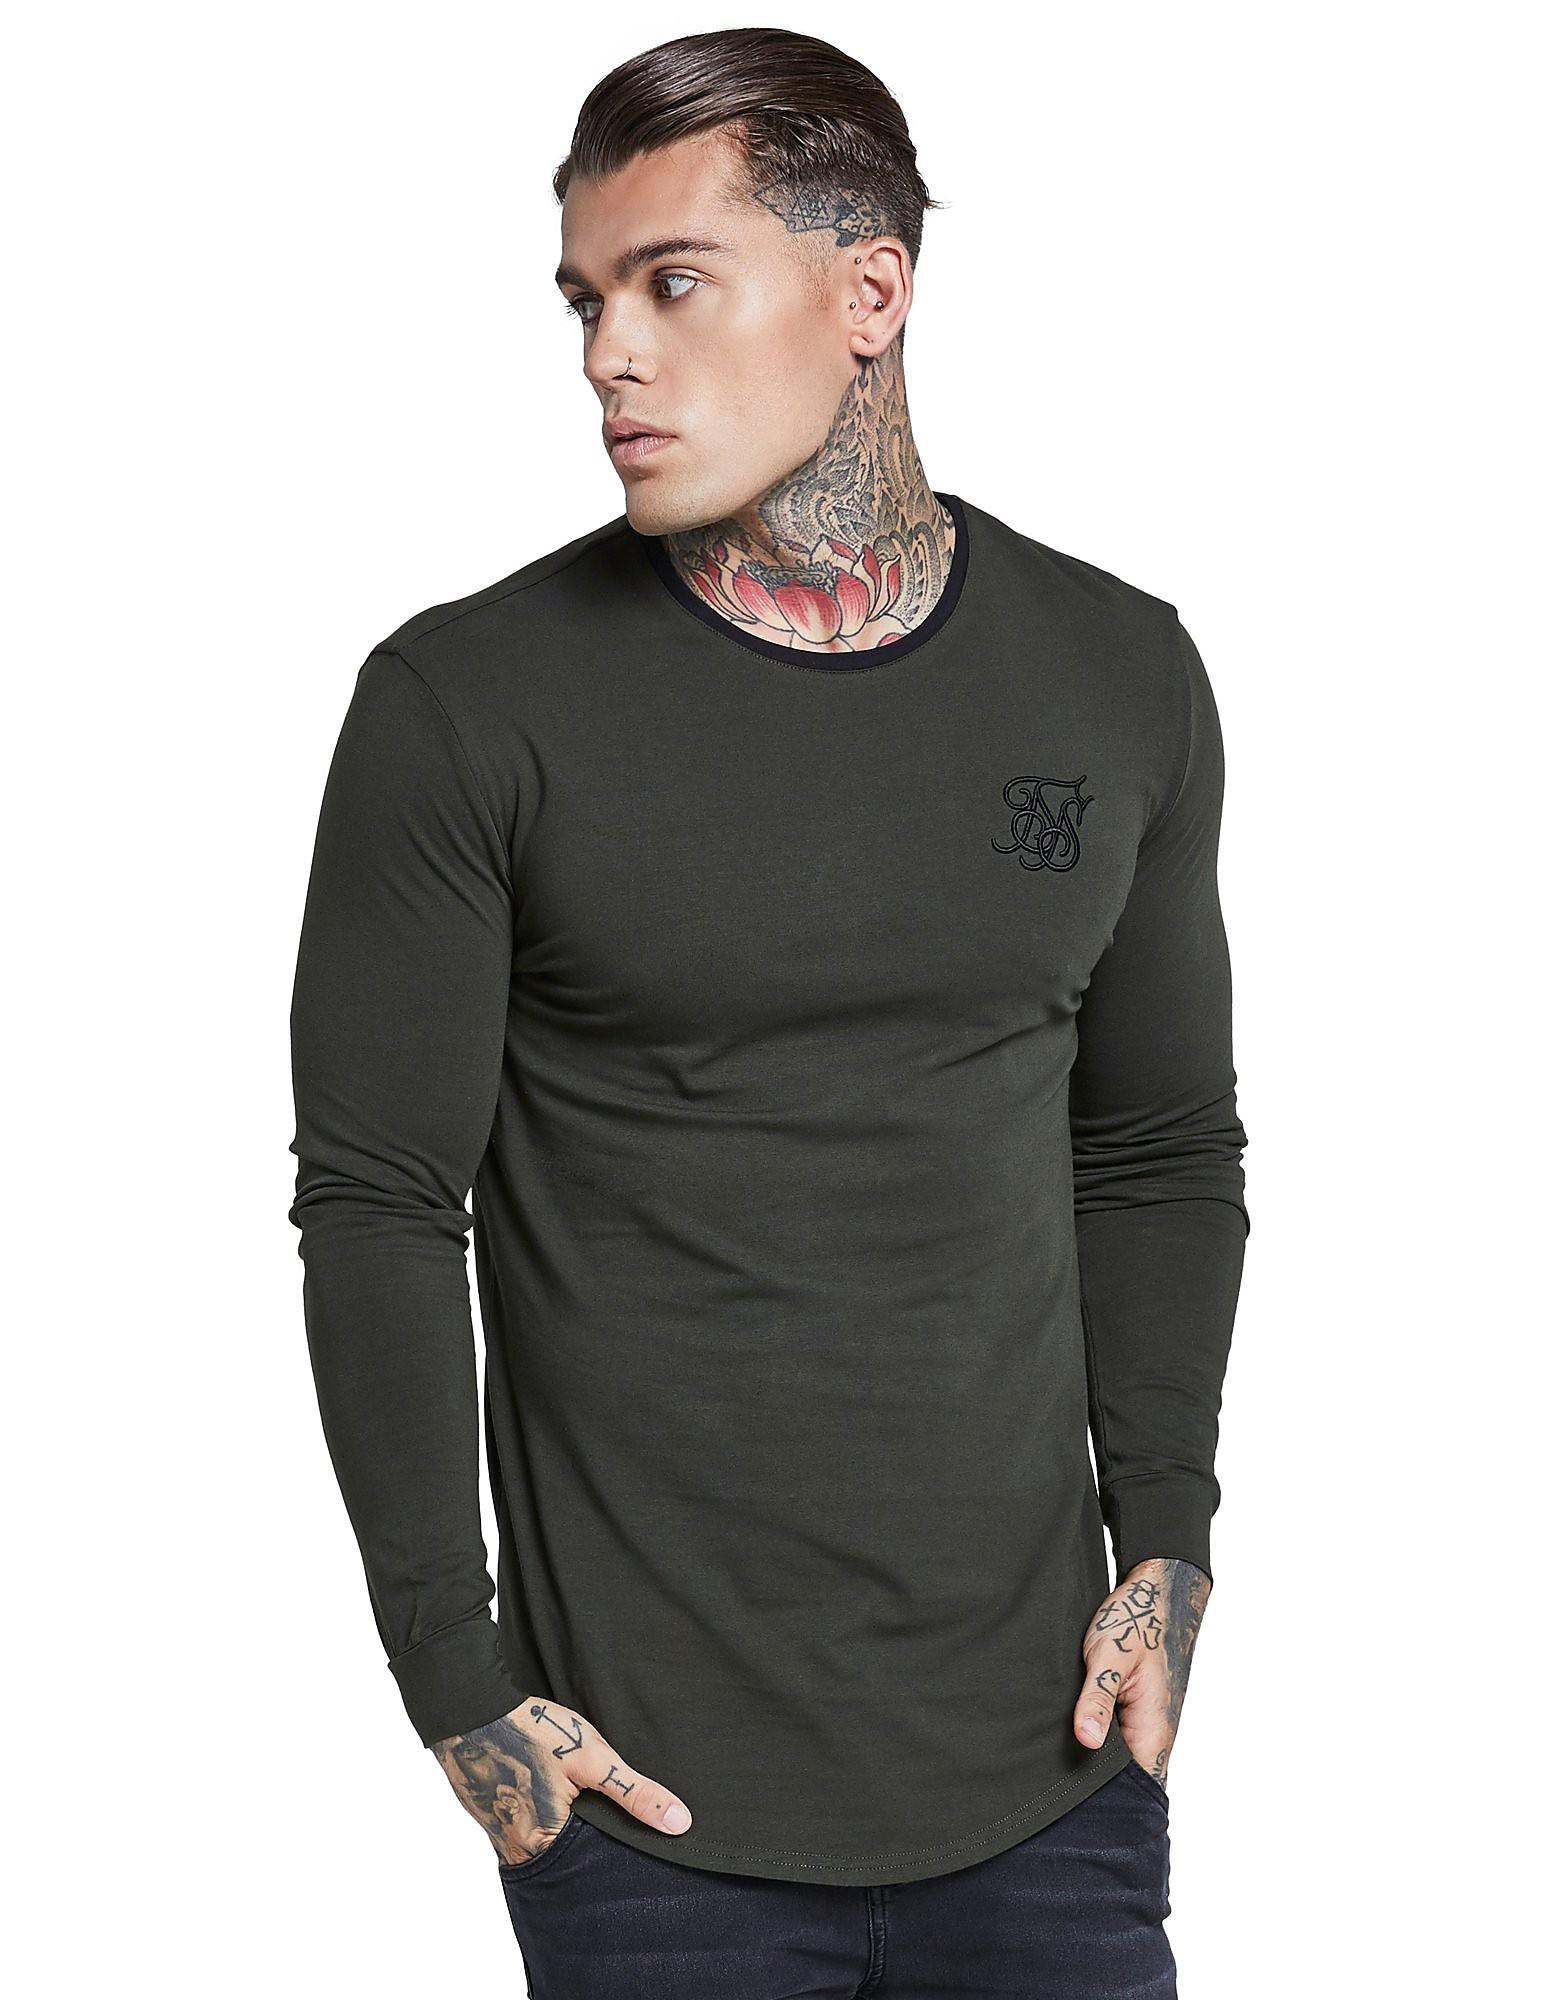 SikSilk Long Sleeve Ringer T-Shirt